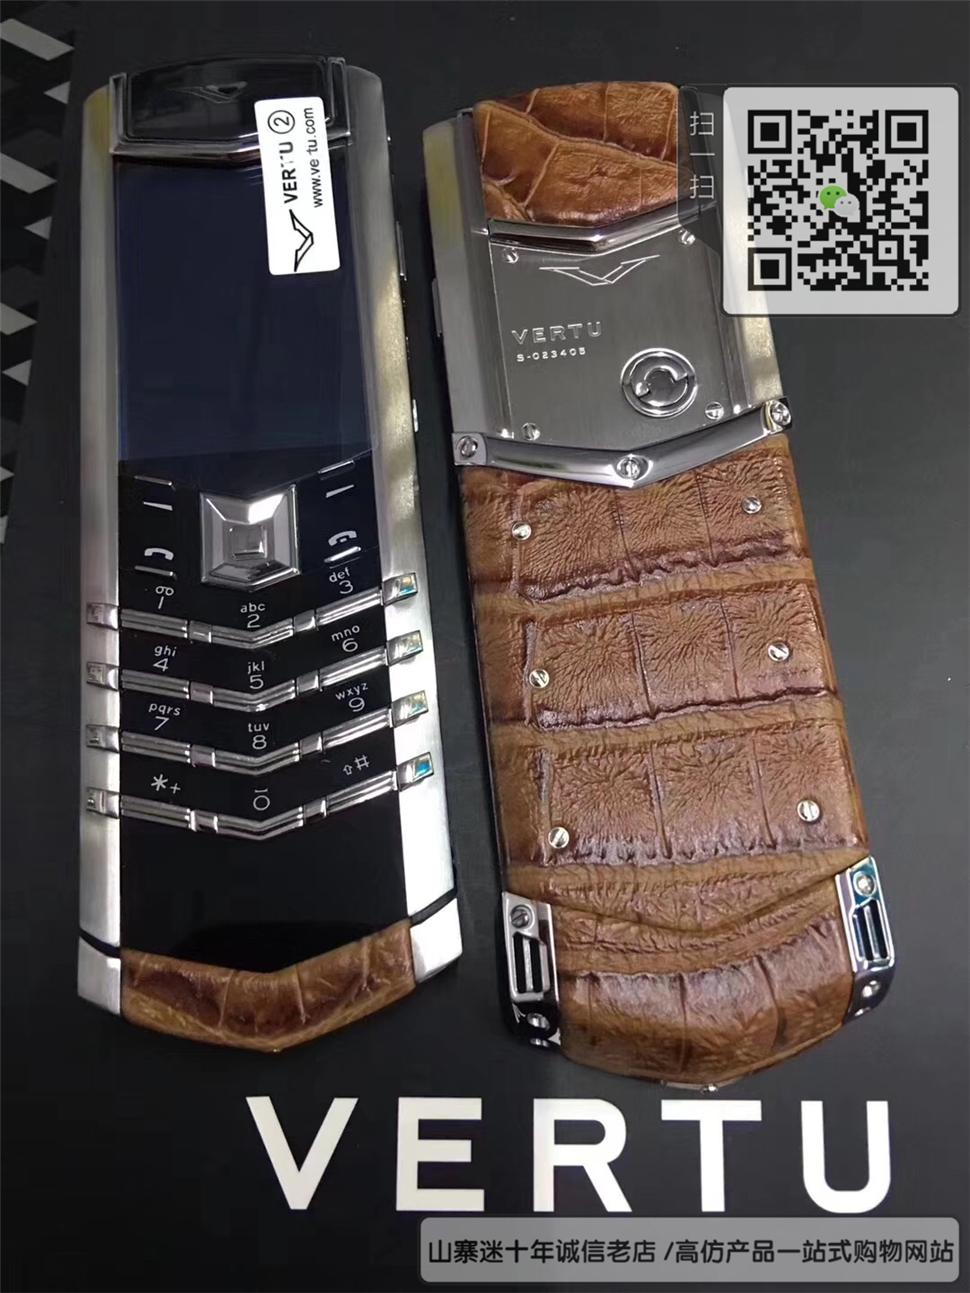 高仿VERTU总裁签名版手机-暗色橙+黑色+白金色-鳄鱼皮 ☼